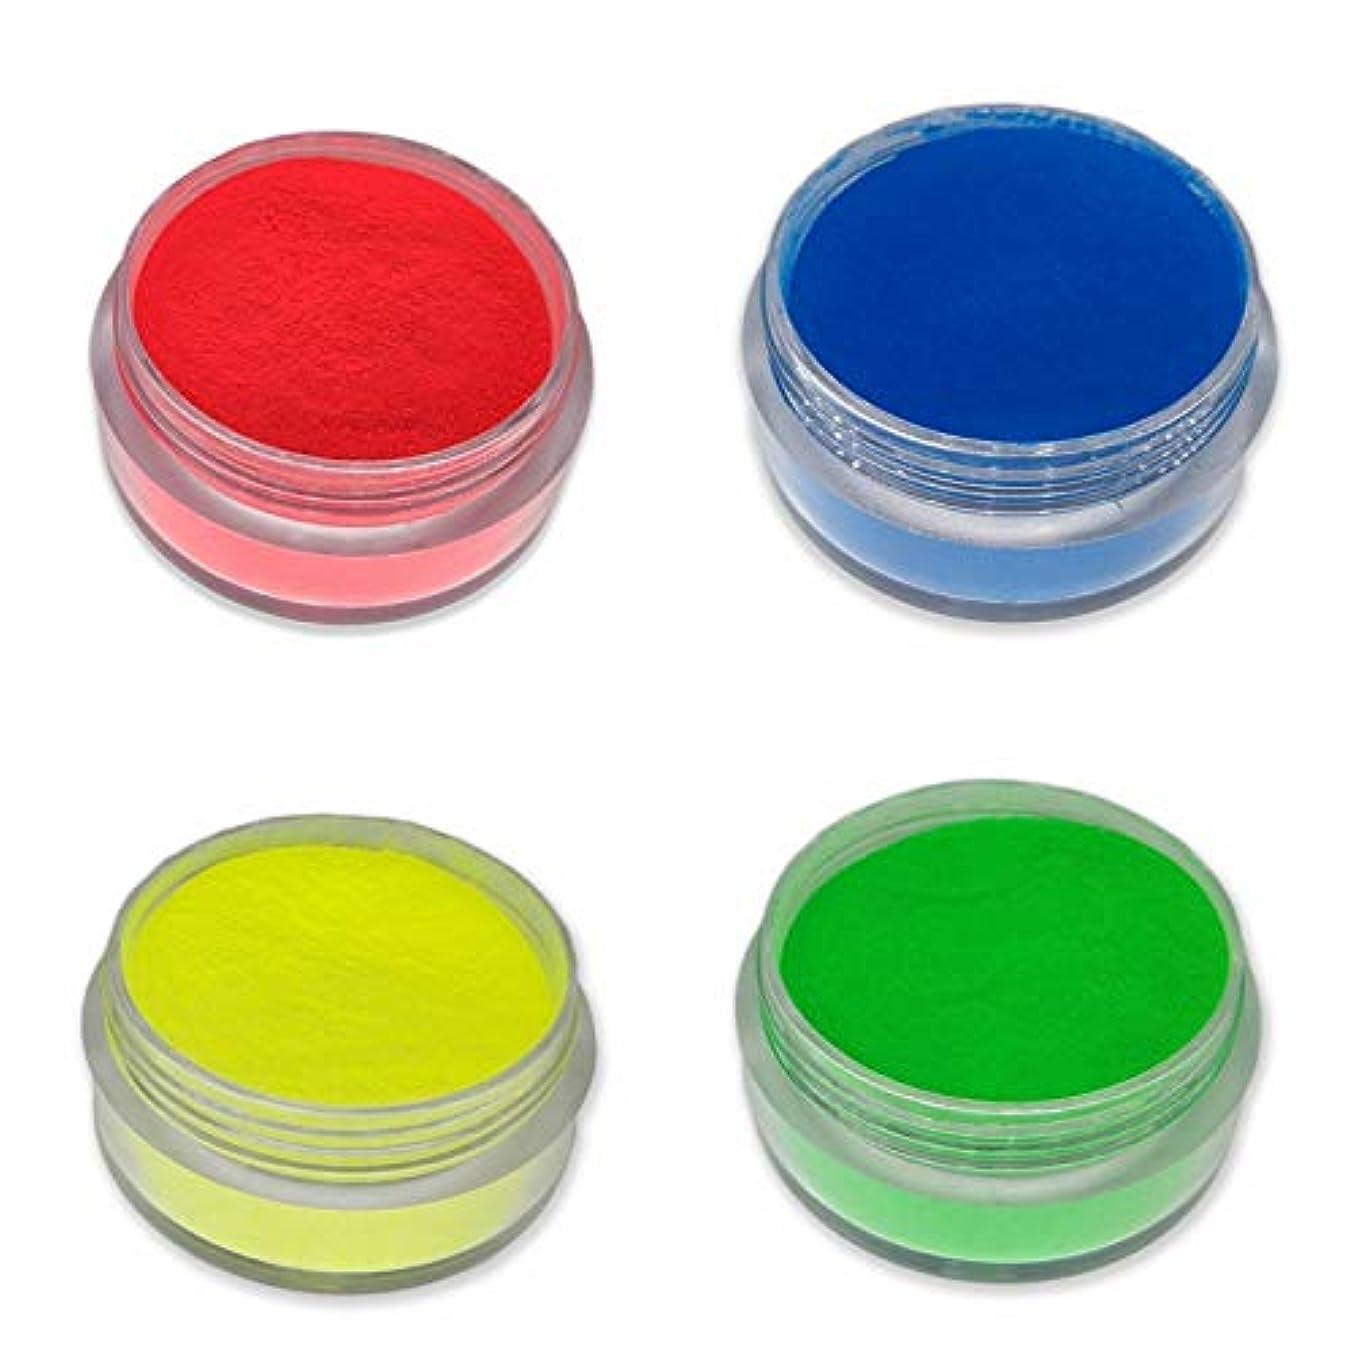 圧縮された権限ごちそう12色流れる砂ファンタジーメイクアイシャドウパレットユニークなデザイン地球防水シャイニングマットシマーアイシャドウ (Color : 4pcsaset)